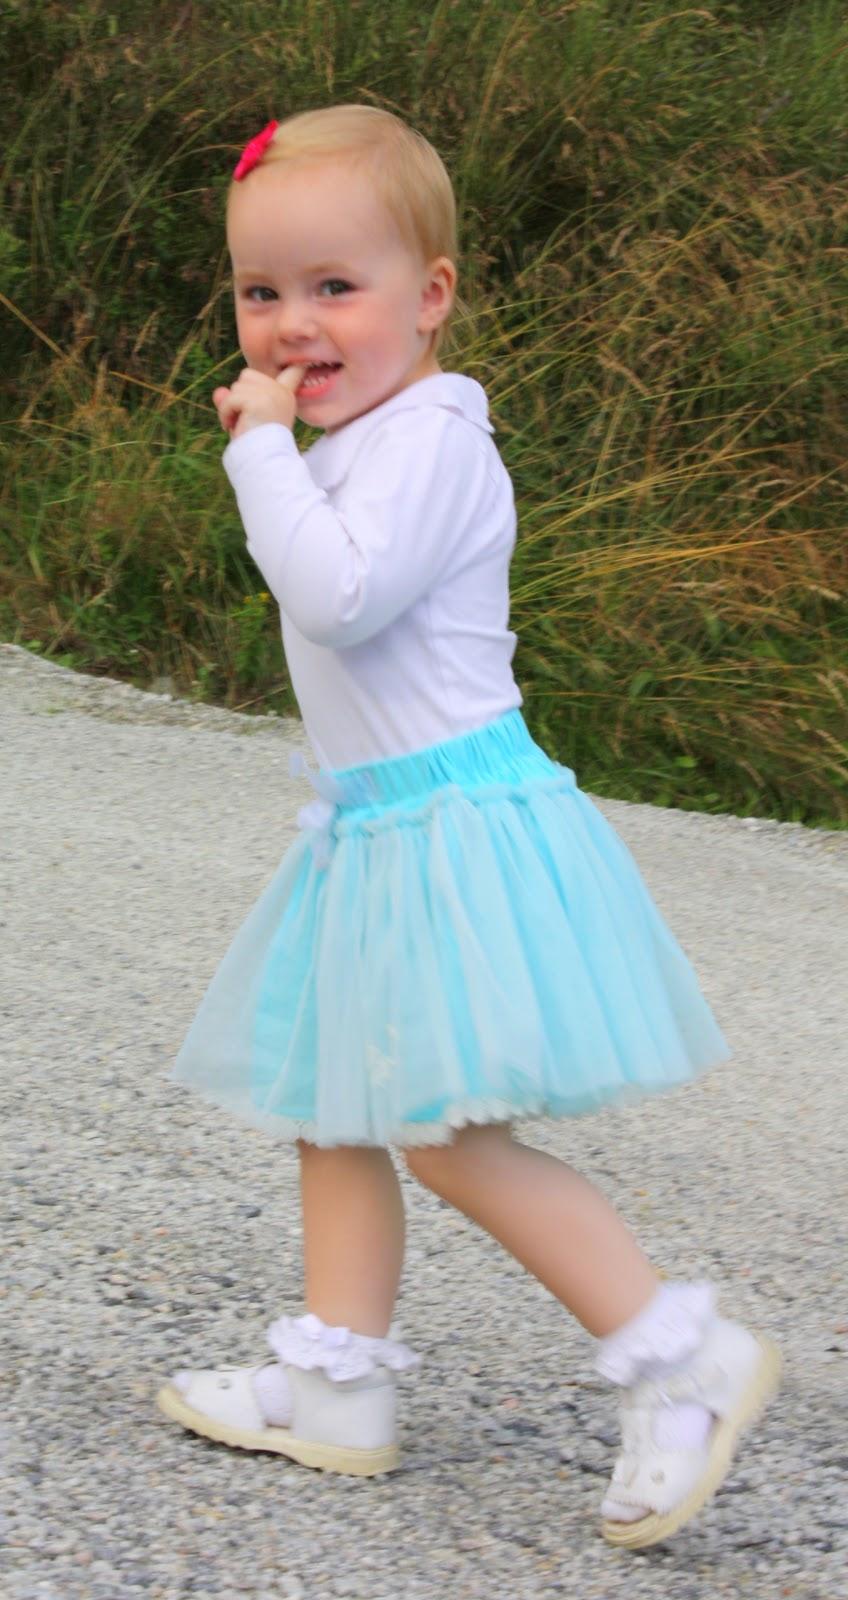 0b4fadd8 De fleste små snupper har vel en prinsesse-periode i 2-3-4 års alderen,  hvor tyllskjørt er det viktigste plagget man kan eie?